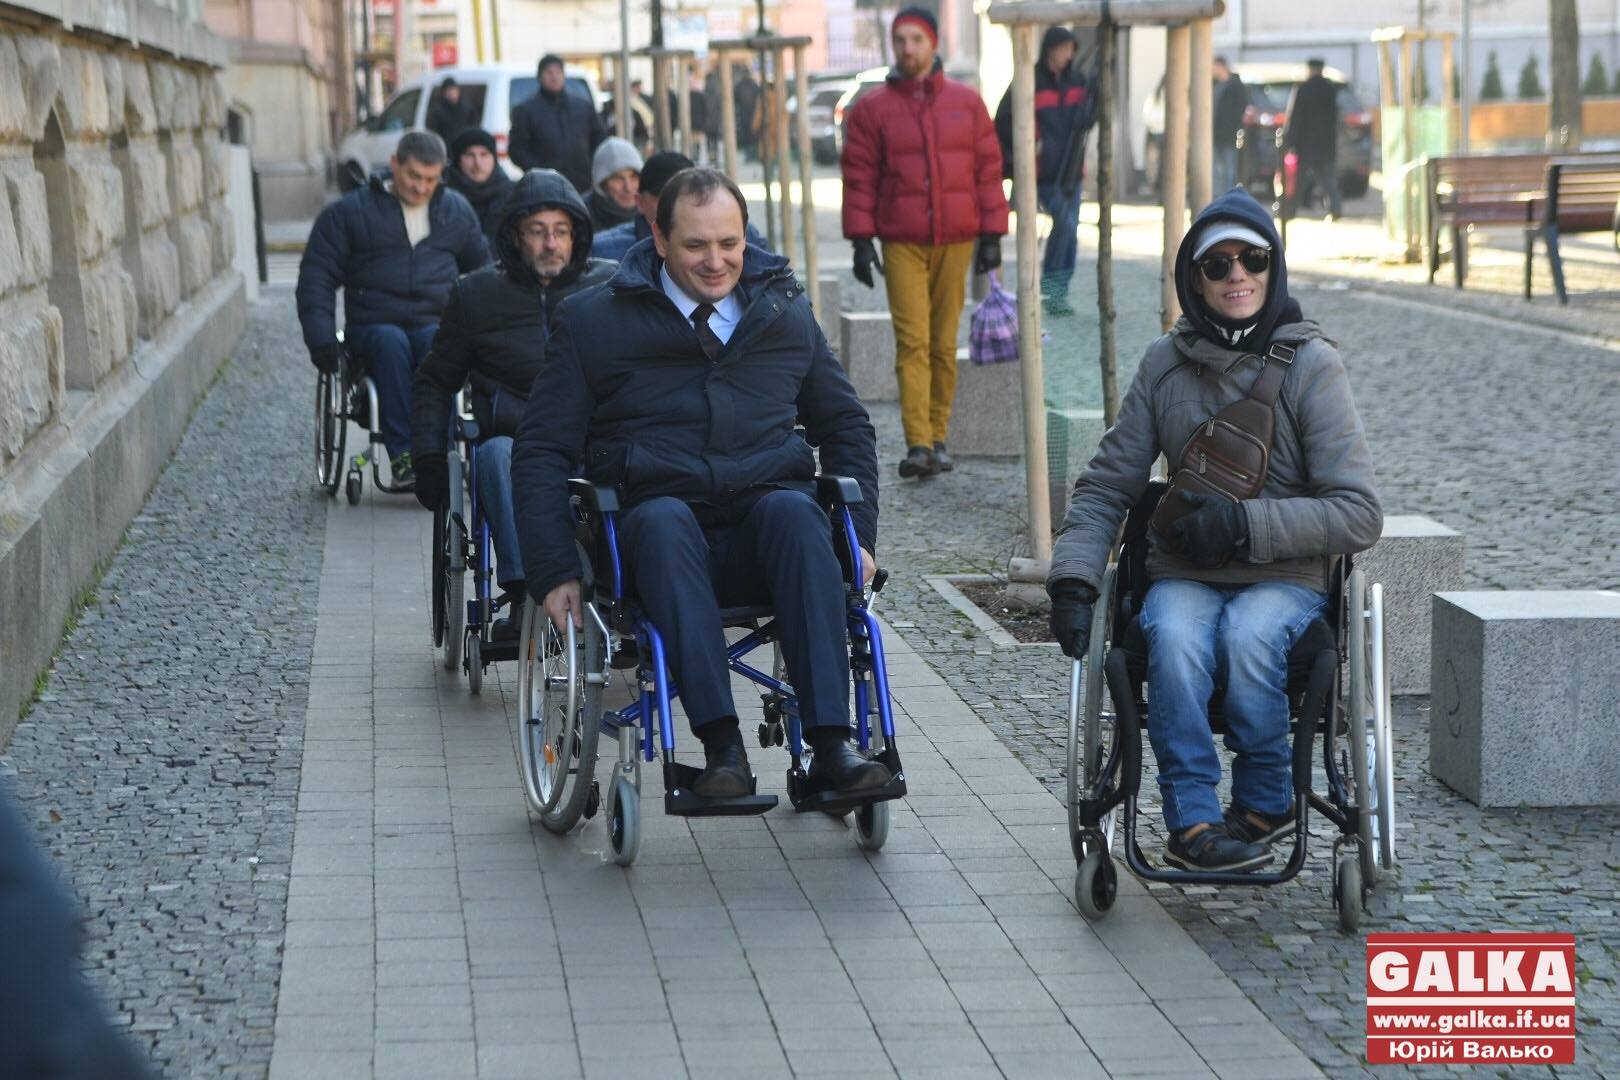 Марцінків та чиновники в інвалідному візку перевірили місто на доступність (ФОТО, ВІДЕО)